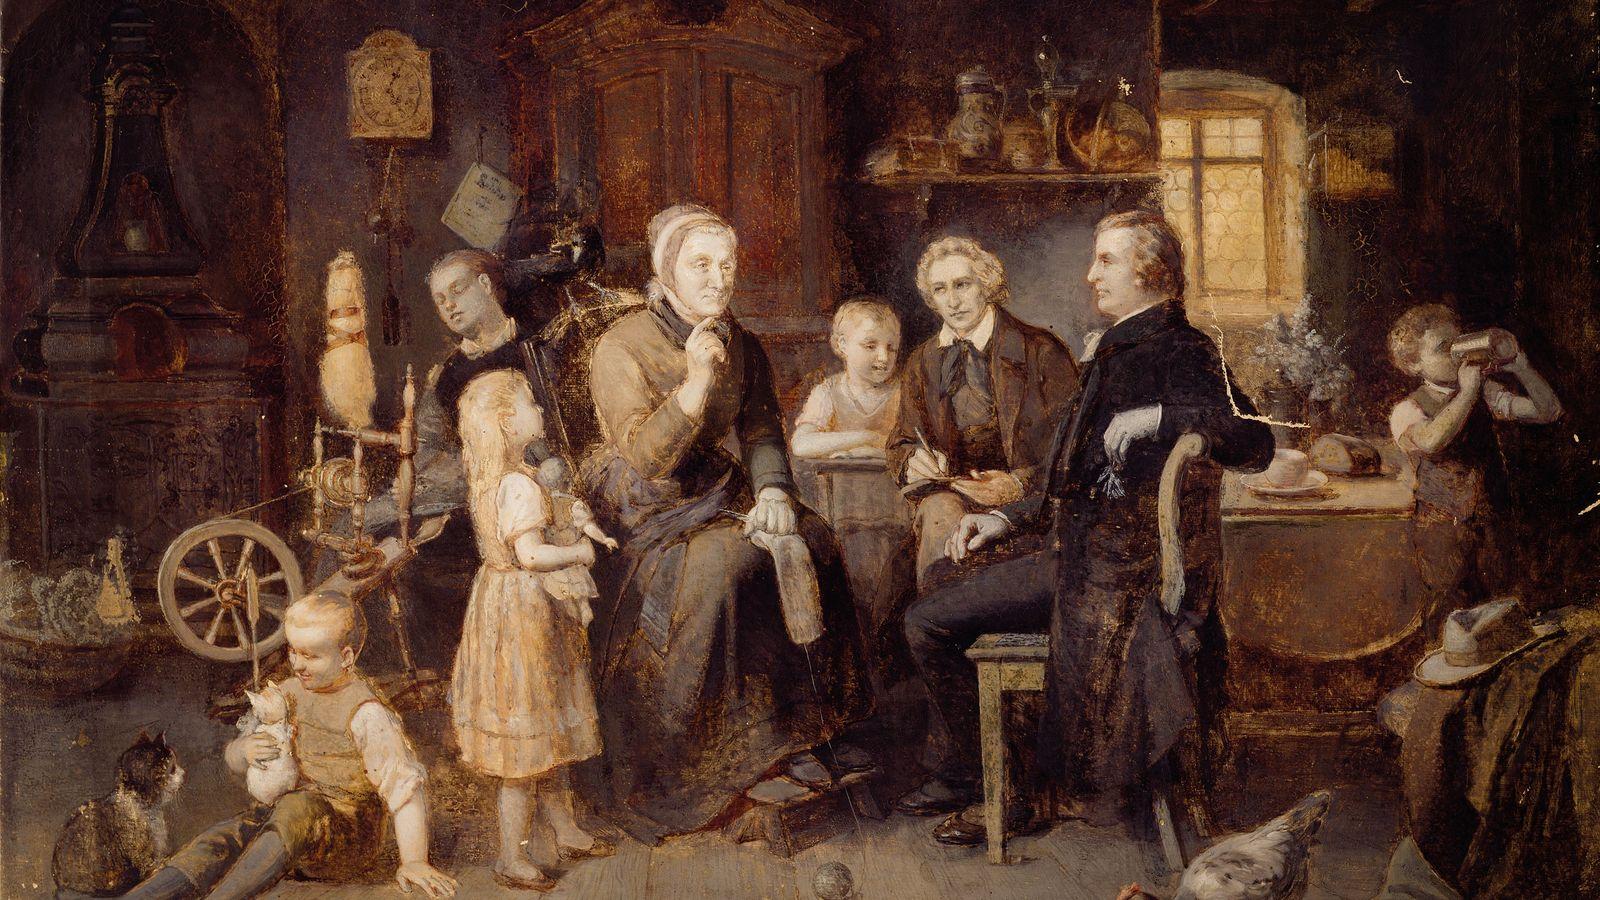 Dorothea Viehmann compartilha suas histórias com os Grimms. Pintura a óleo do século 19, de Louis ...